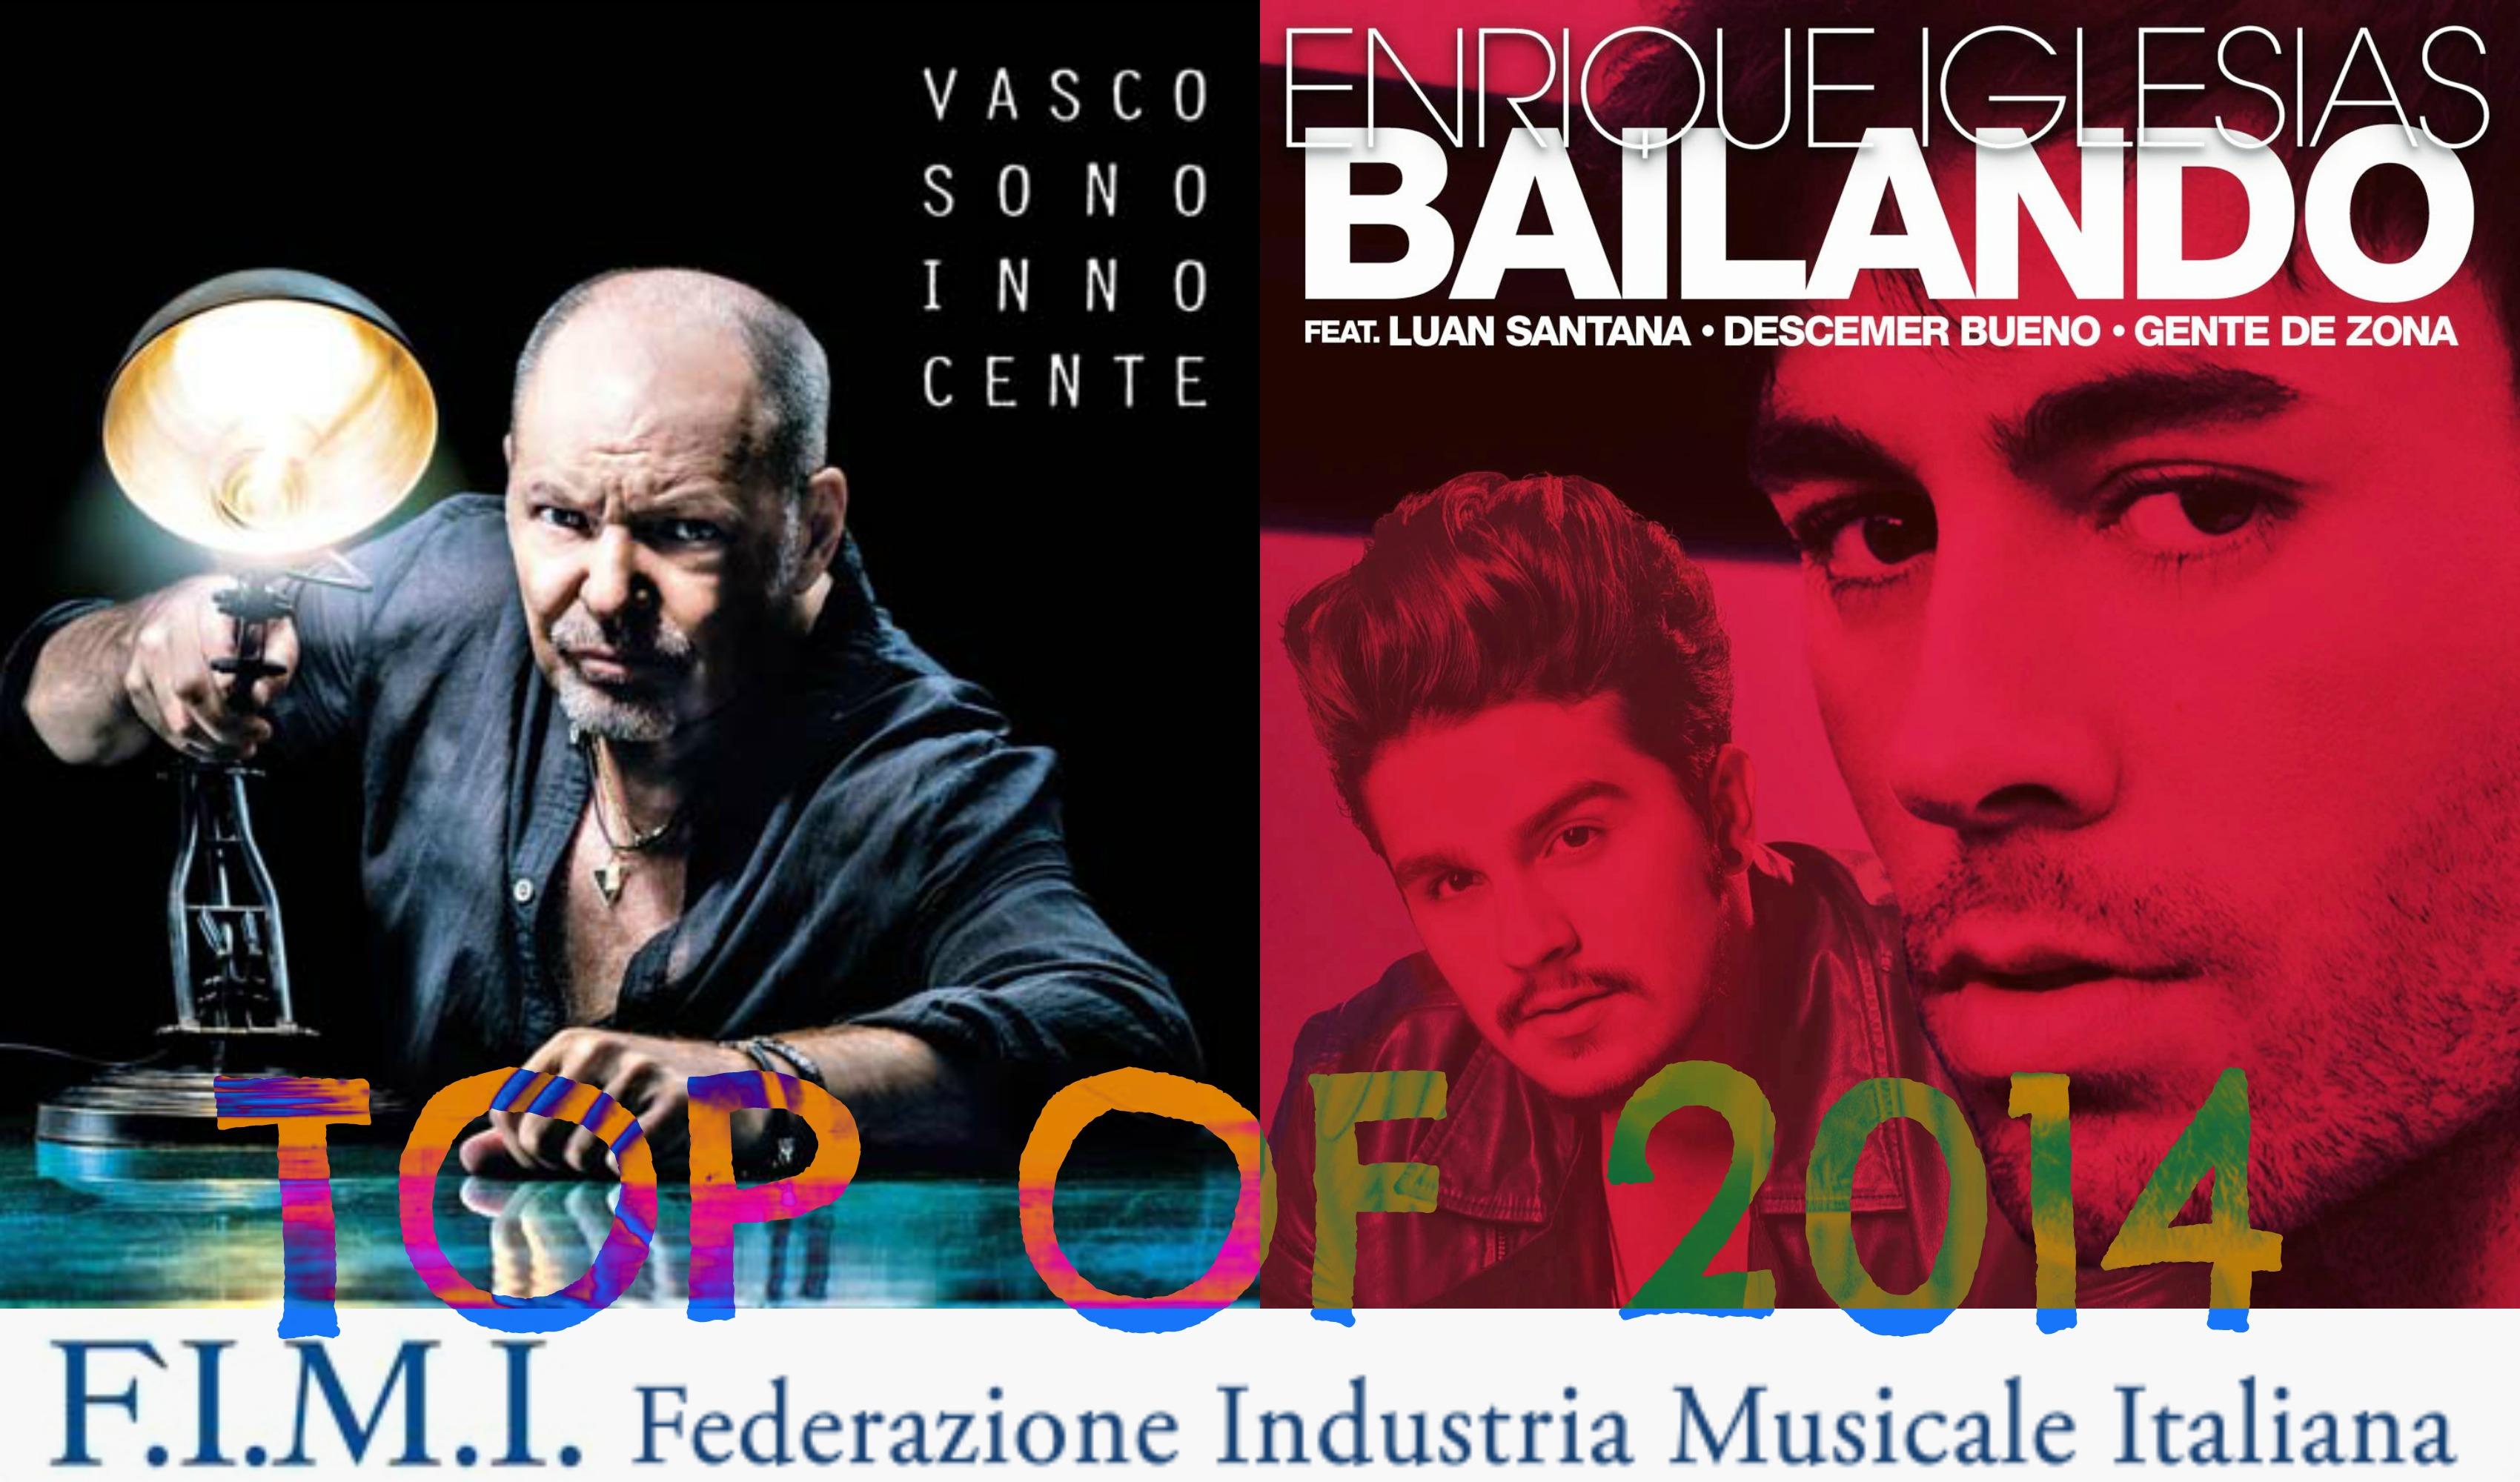 ♫BUBINOMUSIC ♪SPECIALE: GLI ALBUM E I SINGOLI PIÙ VENDUTI DEL 2014. DOMINIO DELLA MUSICA ITALIANA TRA VASCO, FERRO, MODA'. FEDEZ E RENGA PRIMI ITALIANI NEI SINGOLI MA DOMINA BAILANDO (RAGGIUNTO IL SETTIMO PLATINO) PicMonkey Collage (1)